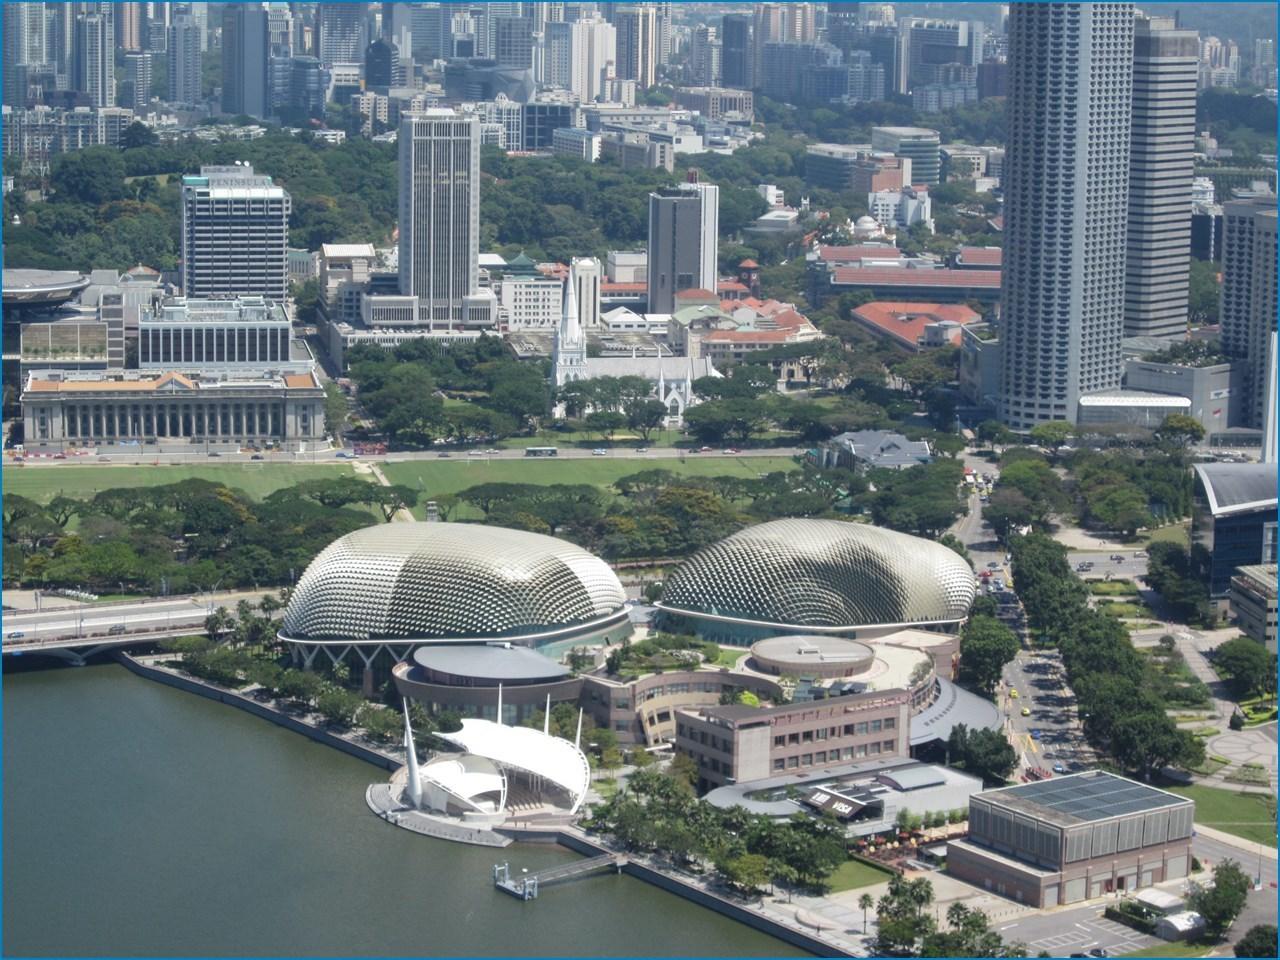 シンガポール建築見学 回想_c0376508_08261512.jpg